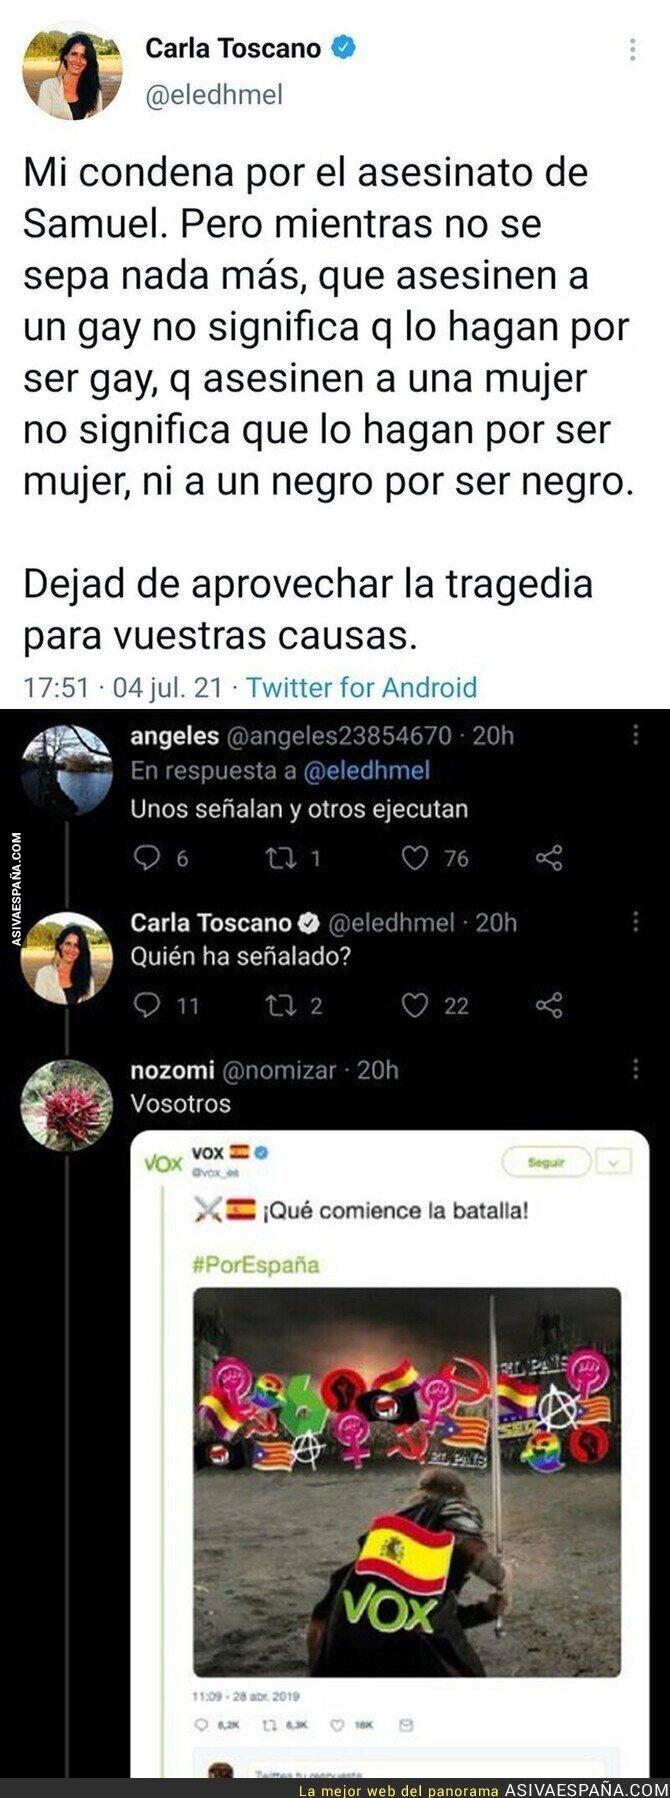 823326 - Este usuario de Twitter le dice una gran verdad a Carla Toscano (VOX) sobre el asesinato de Samuel